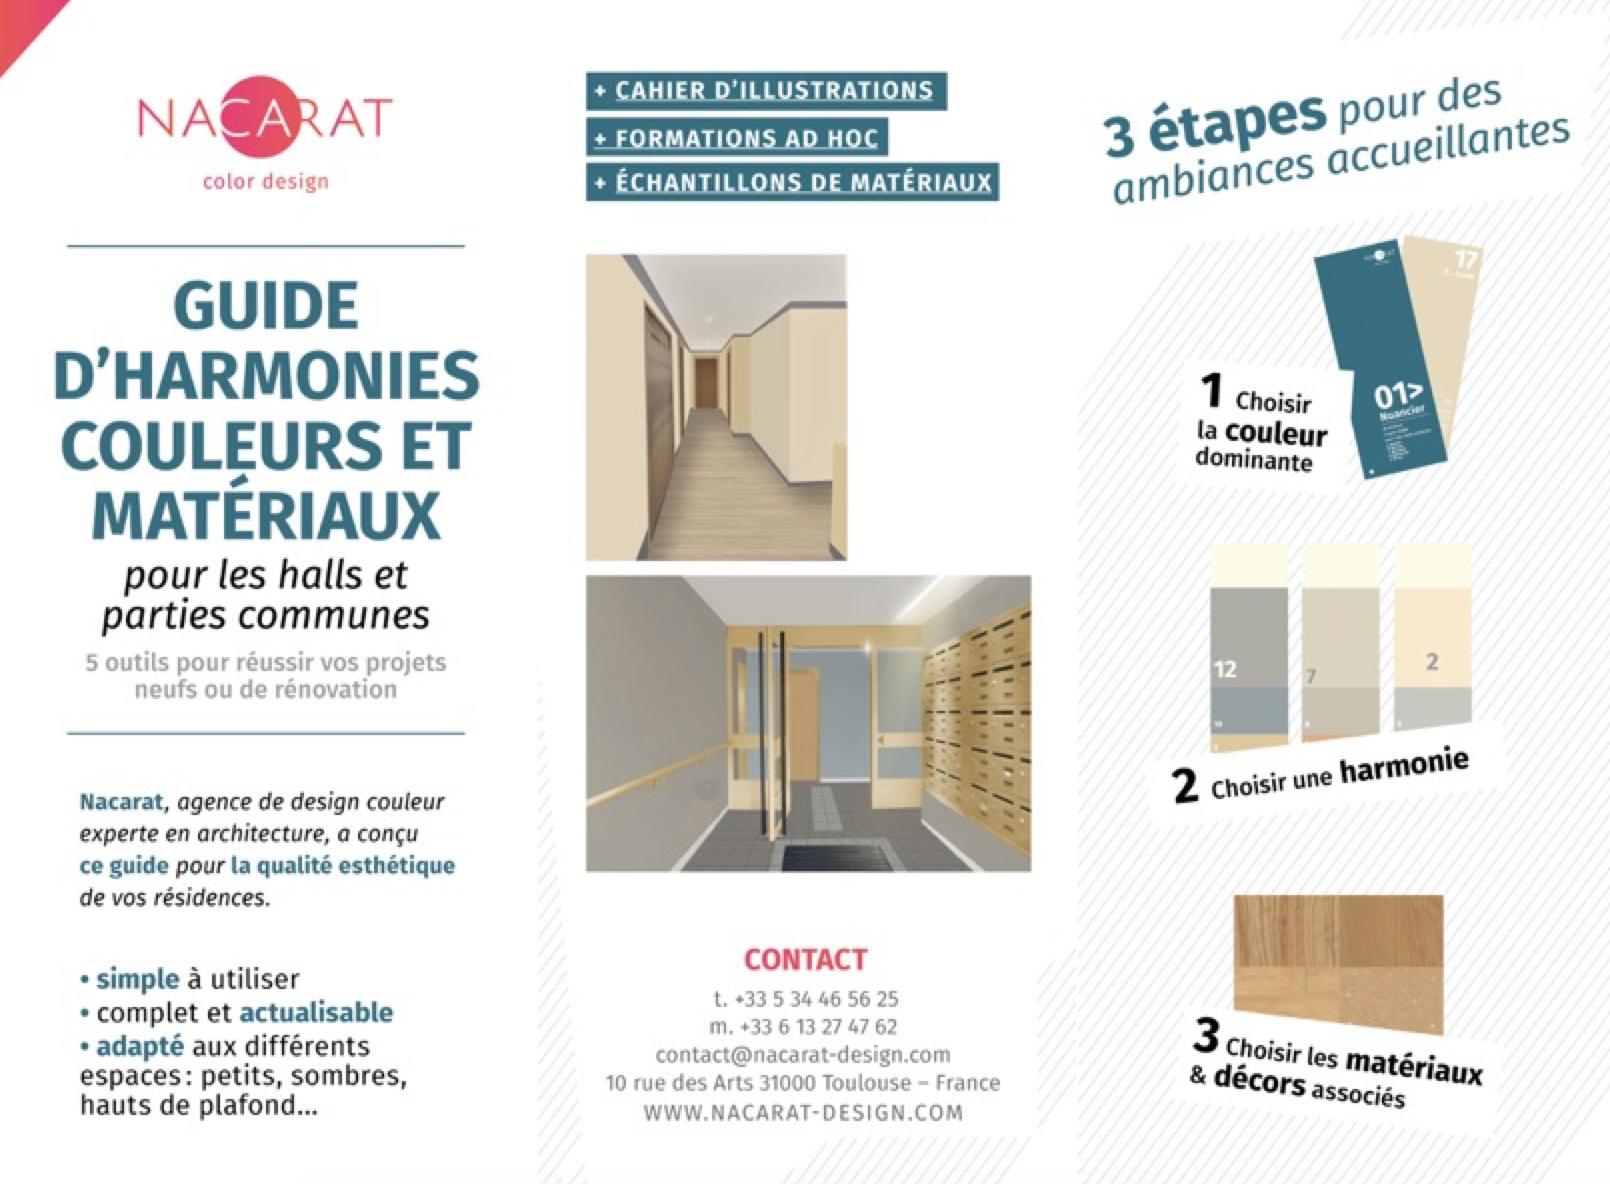 Guide d'harmonies couleurs et matériaux - Nacarat Design Couleur